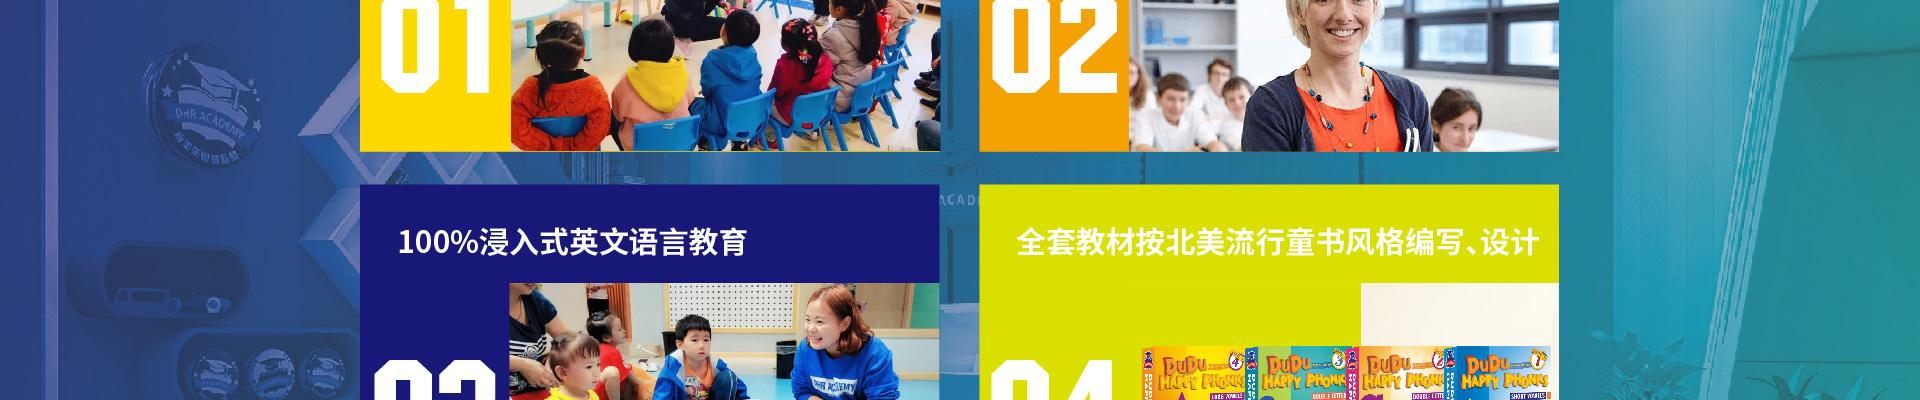 小新星少儿英语小新星国际教育_09